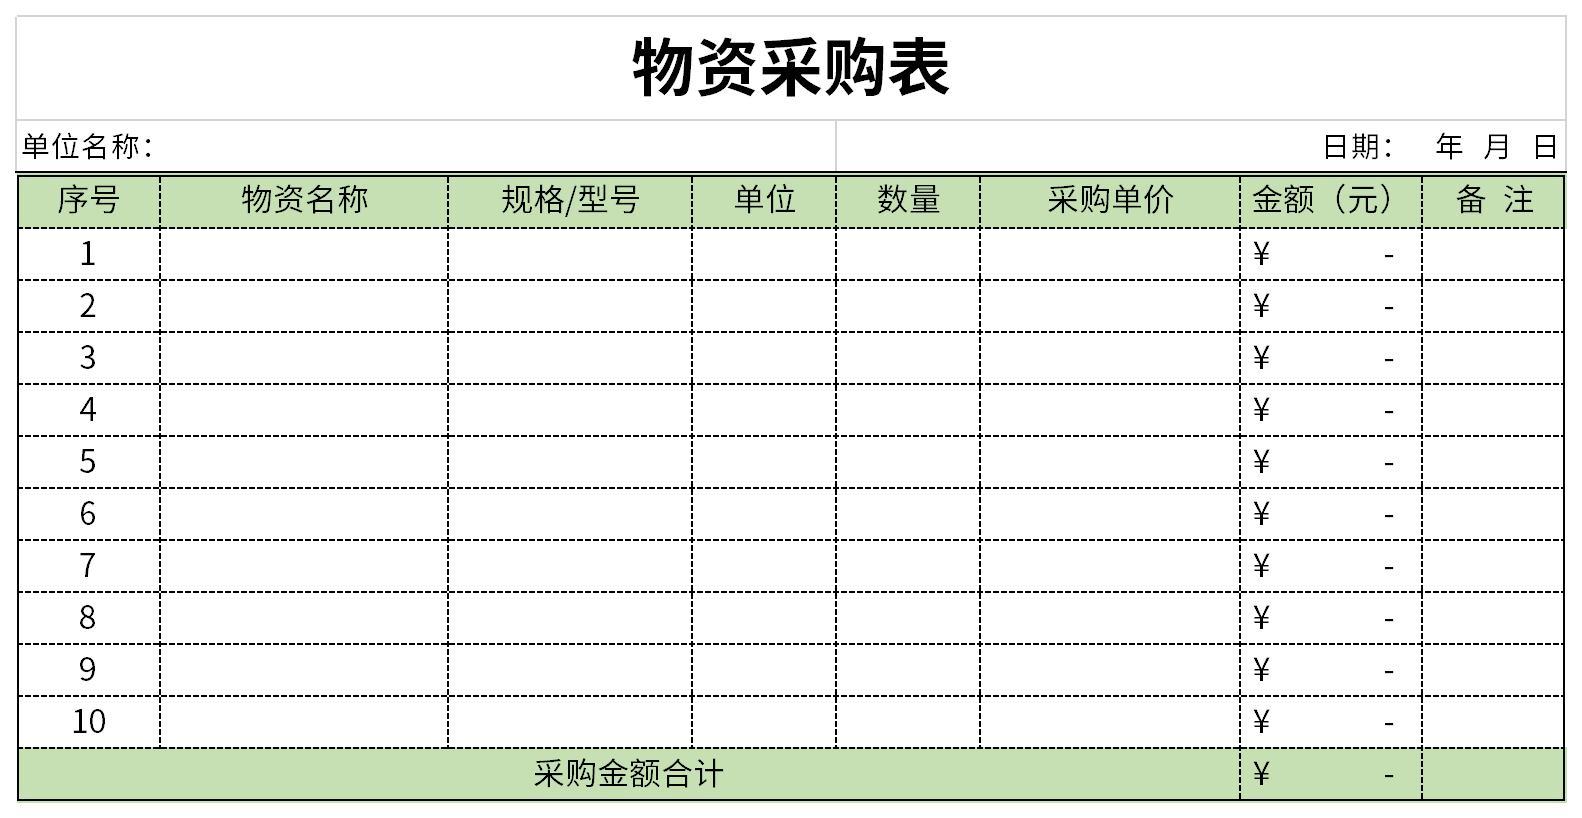 物资采购表截图